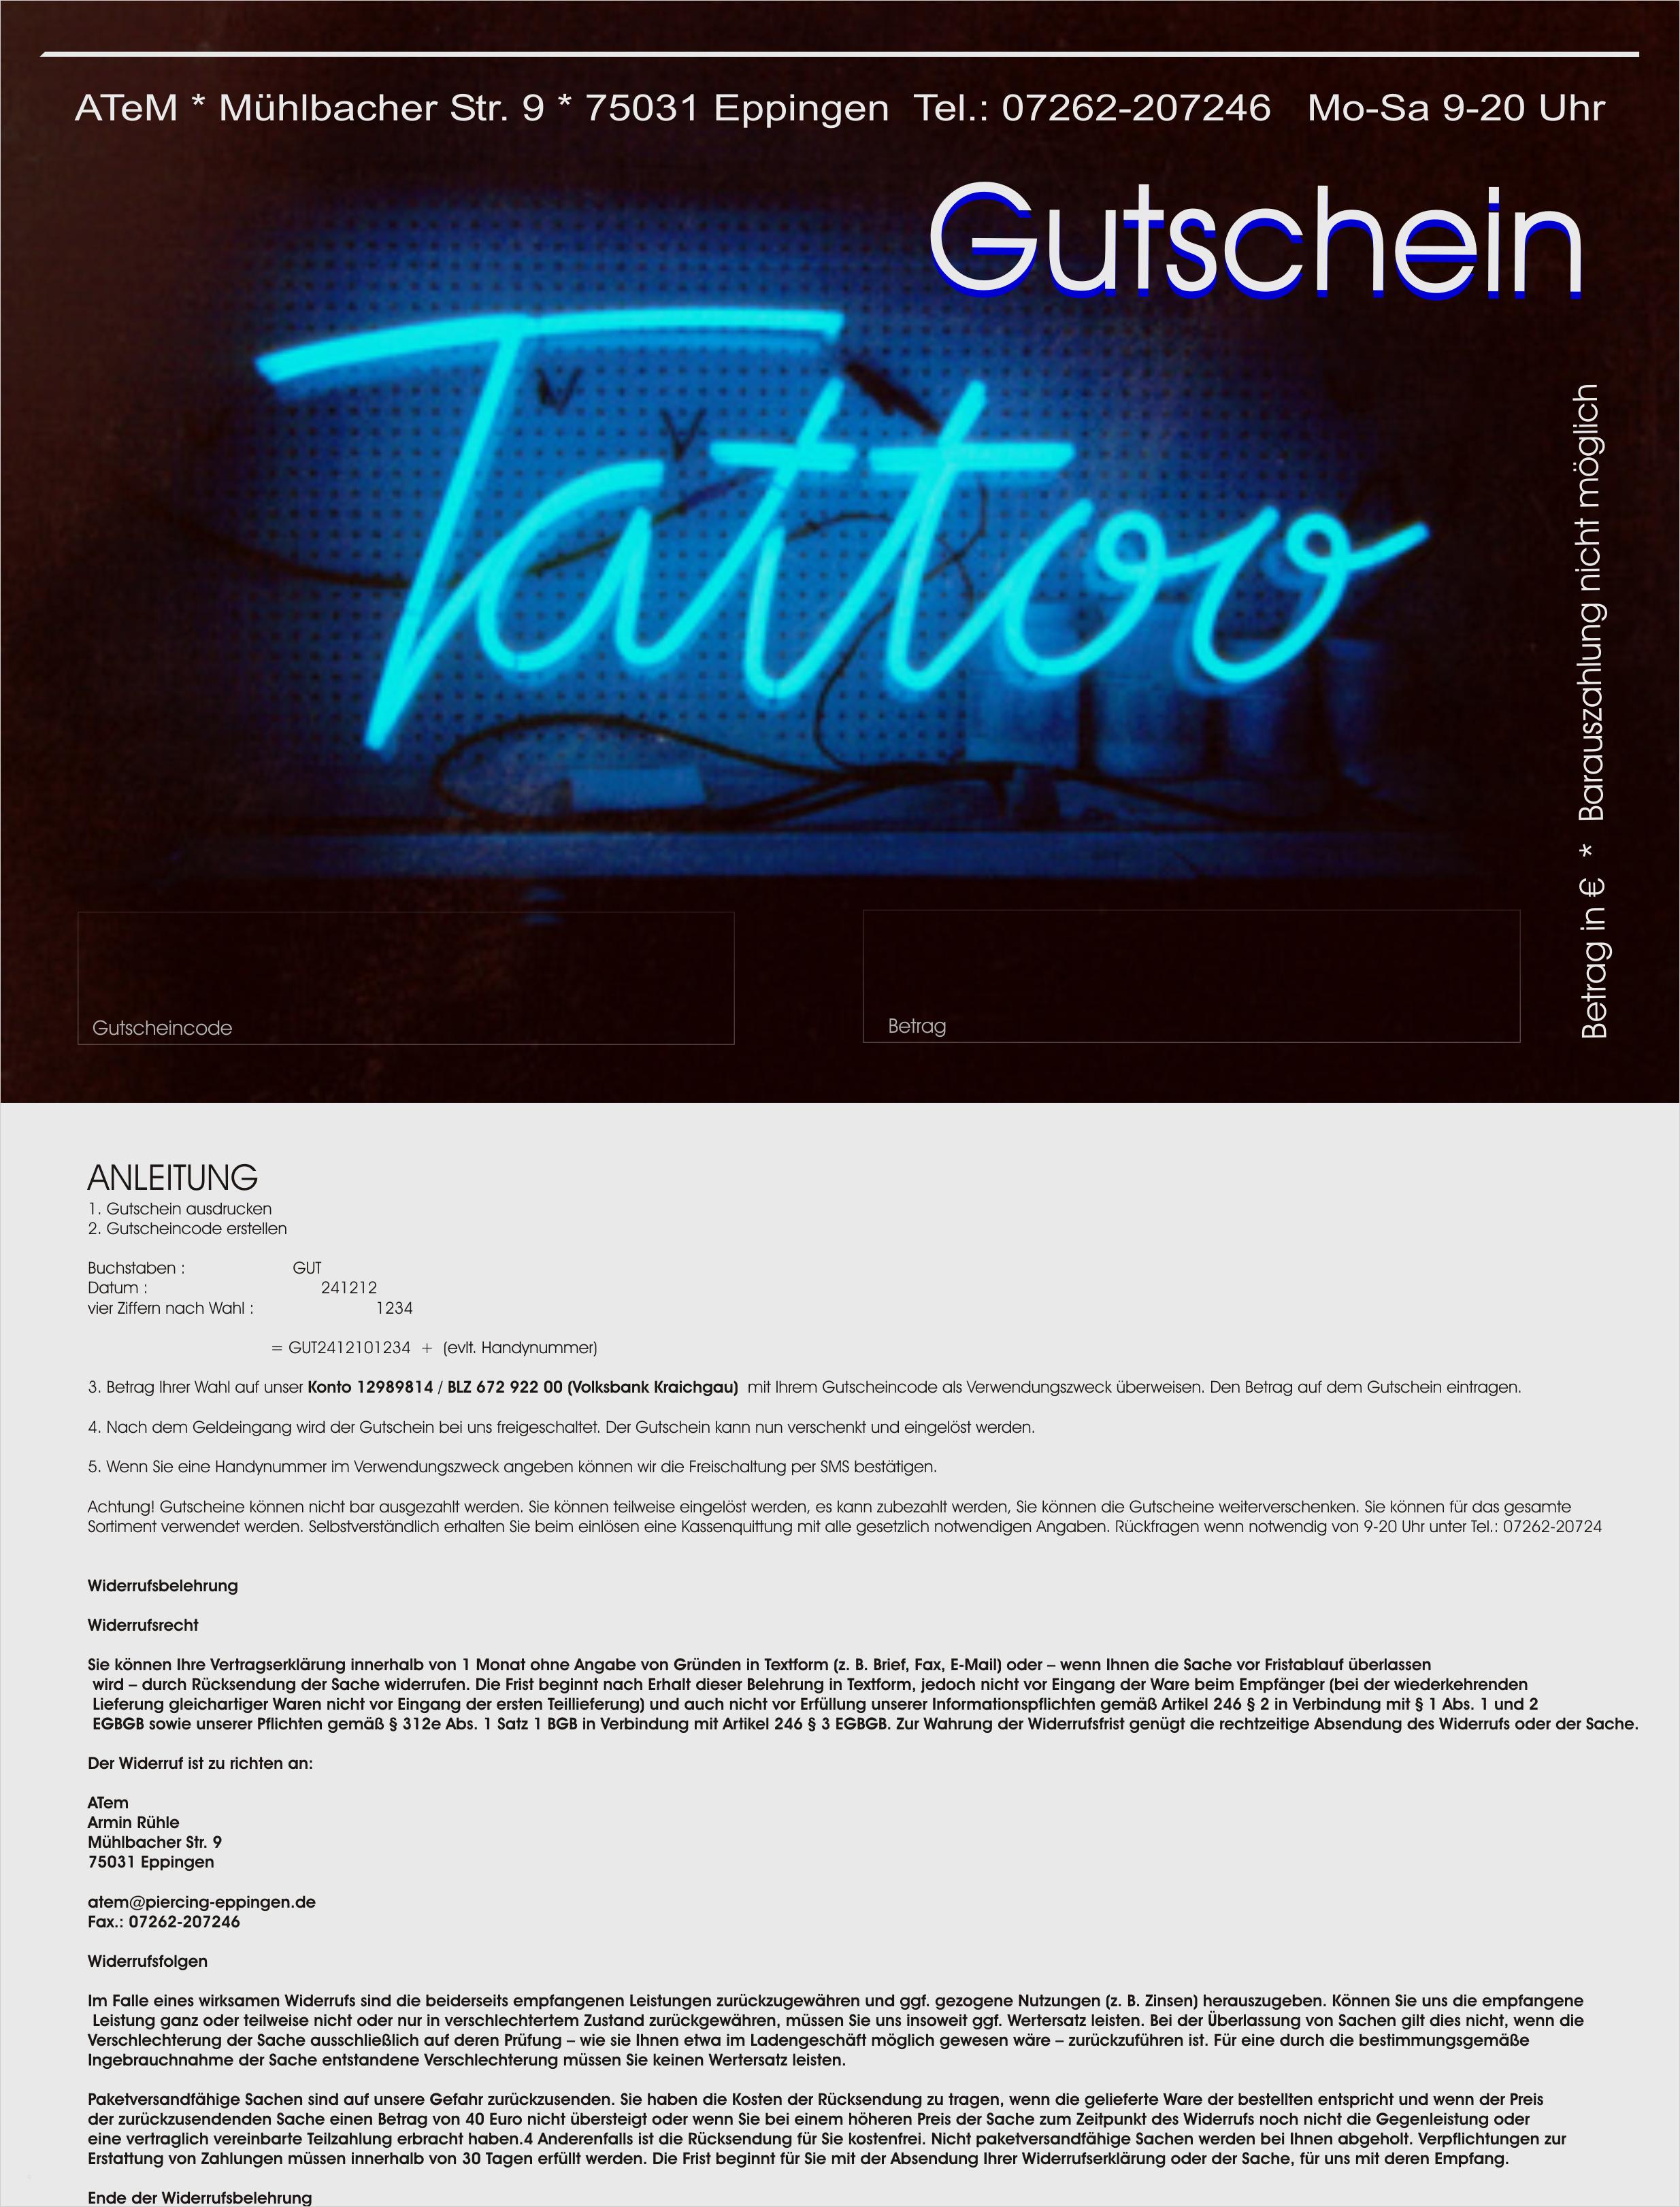 Tattoo Vorlagen Erstellen 16 Grossartig Sie Konnen Einstellen Fur Ihre Wichtigsten Ideen Dillyhearts Com